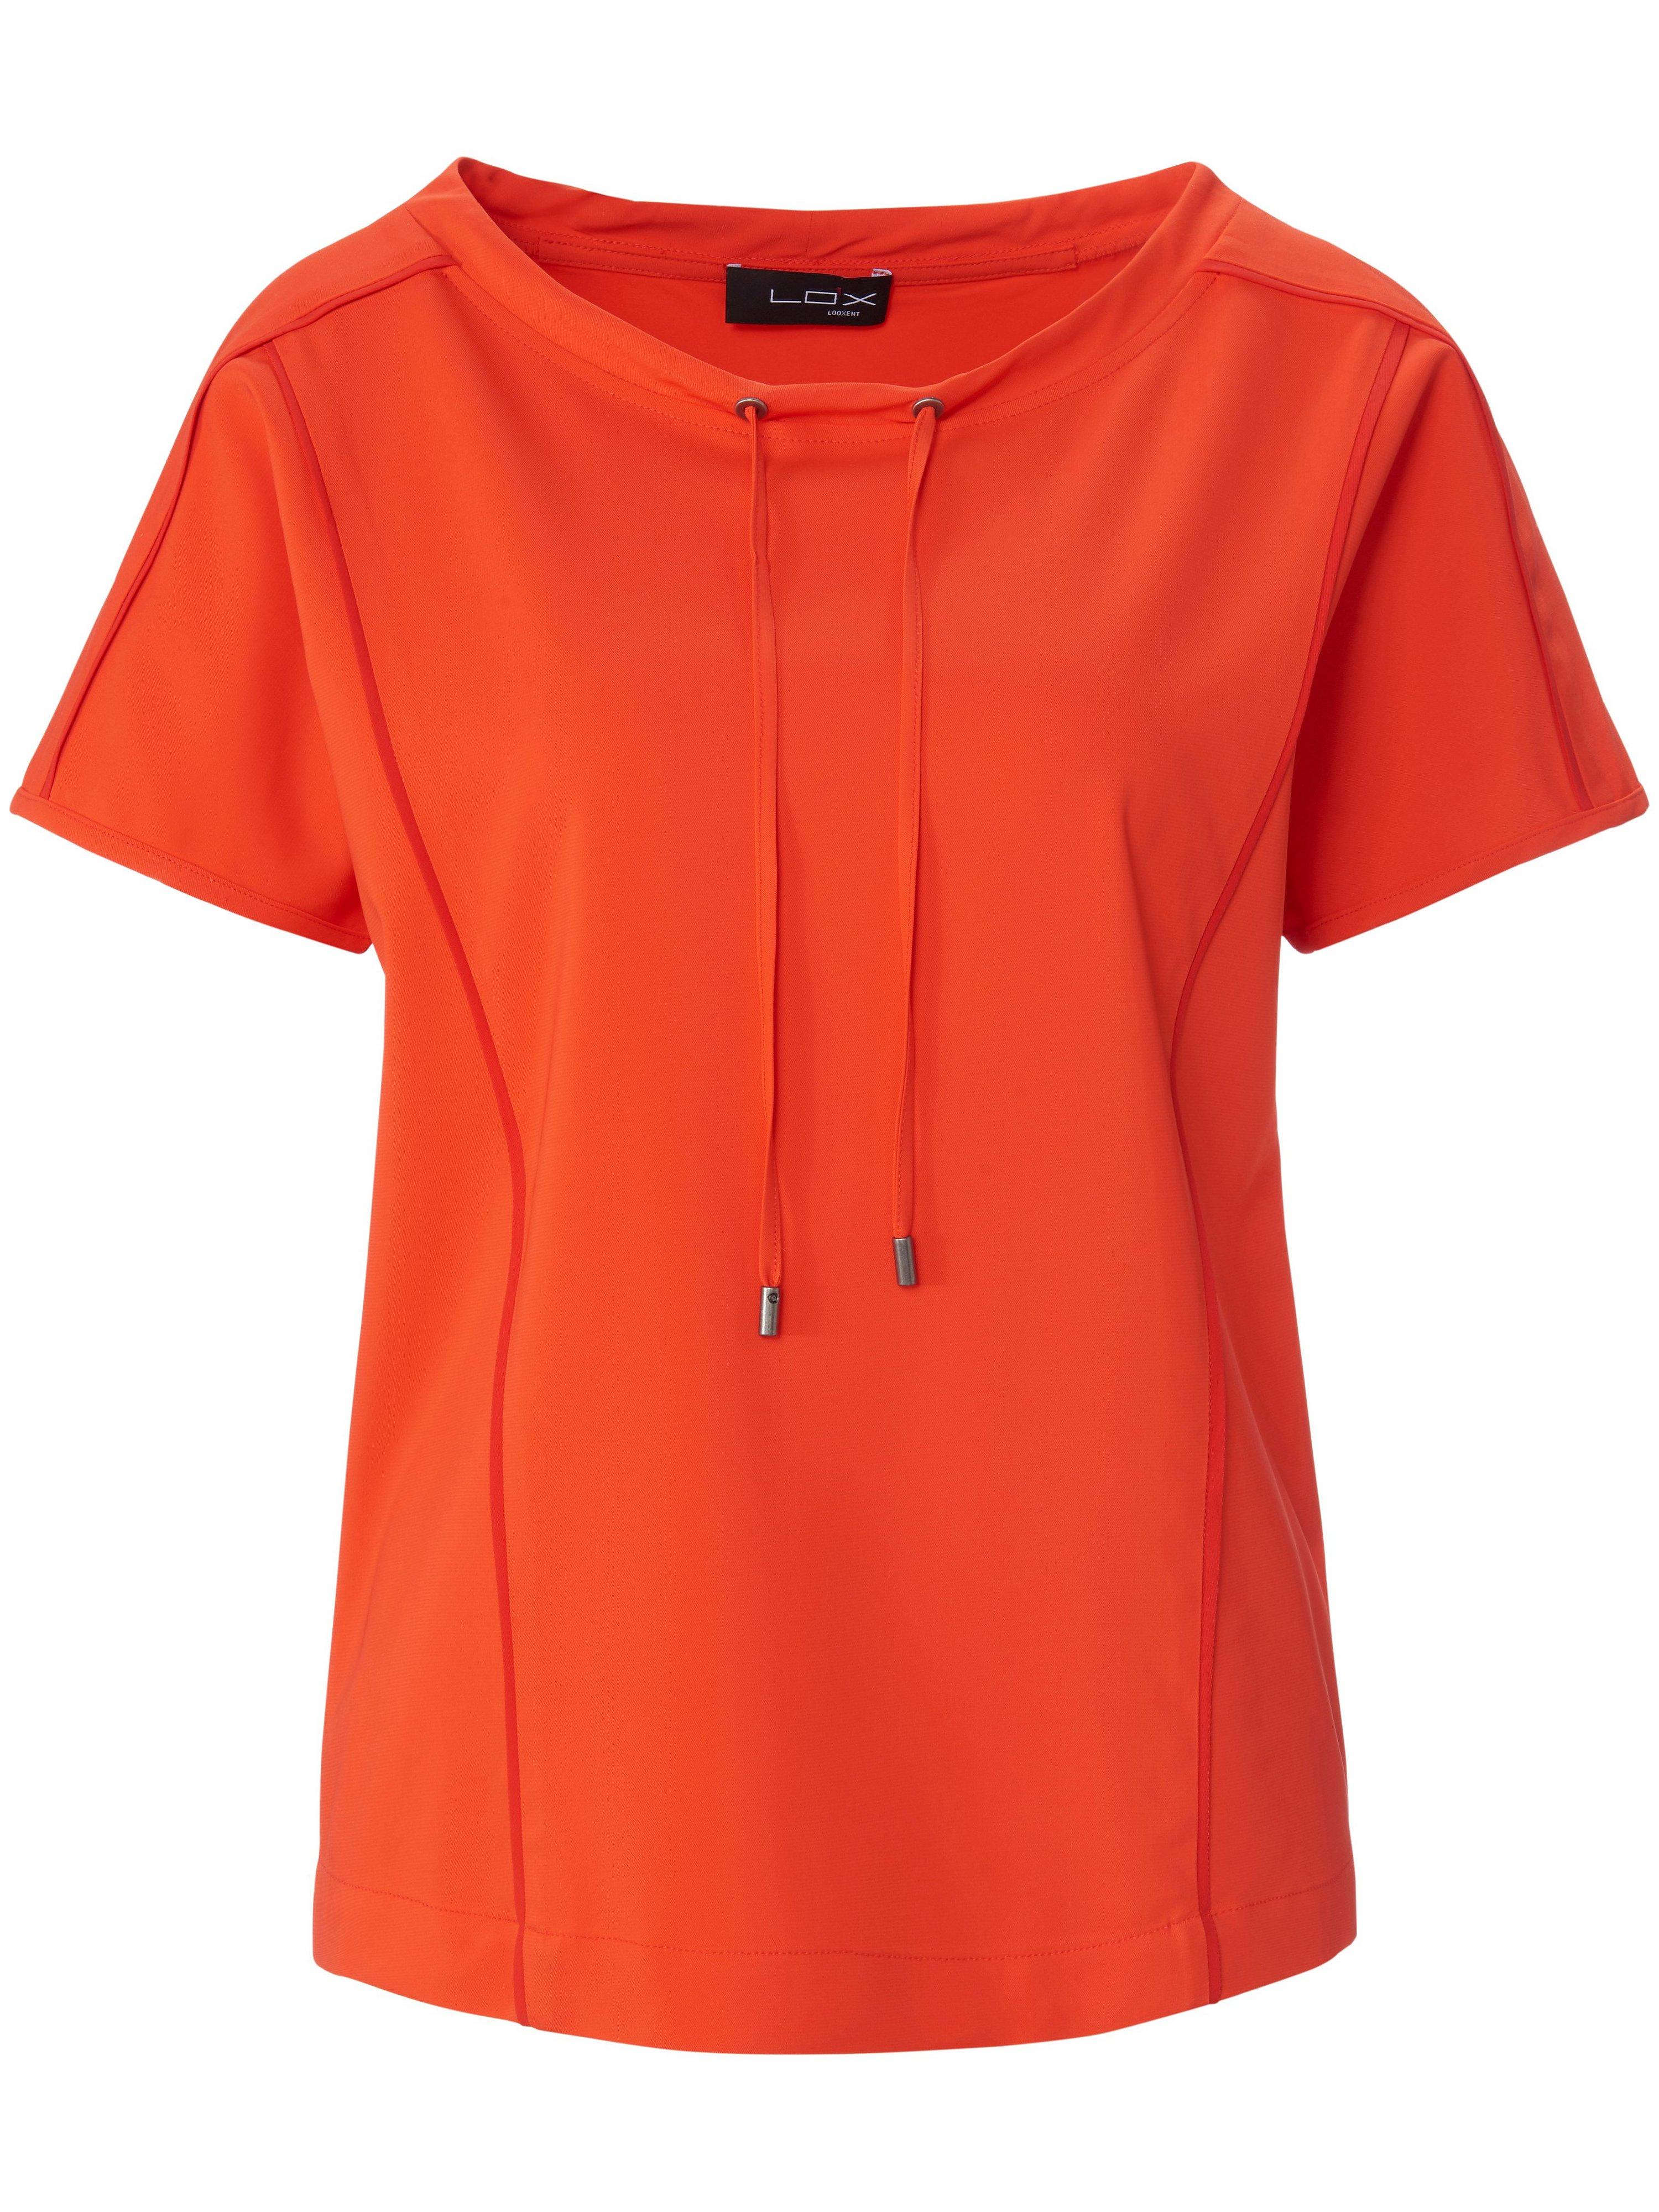 Shirt verlaagde schoudernaden Van Looxent oranje